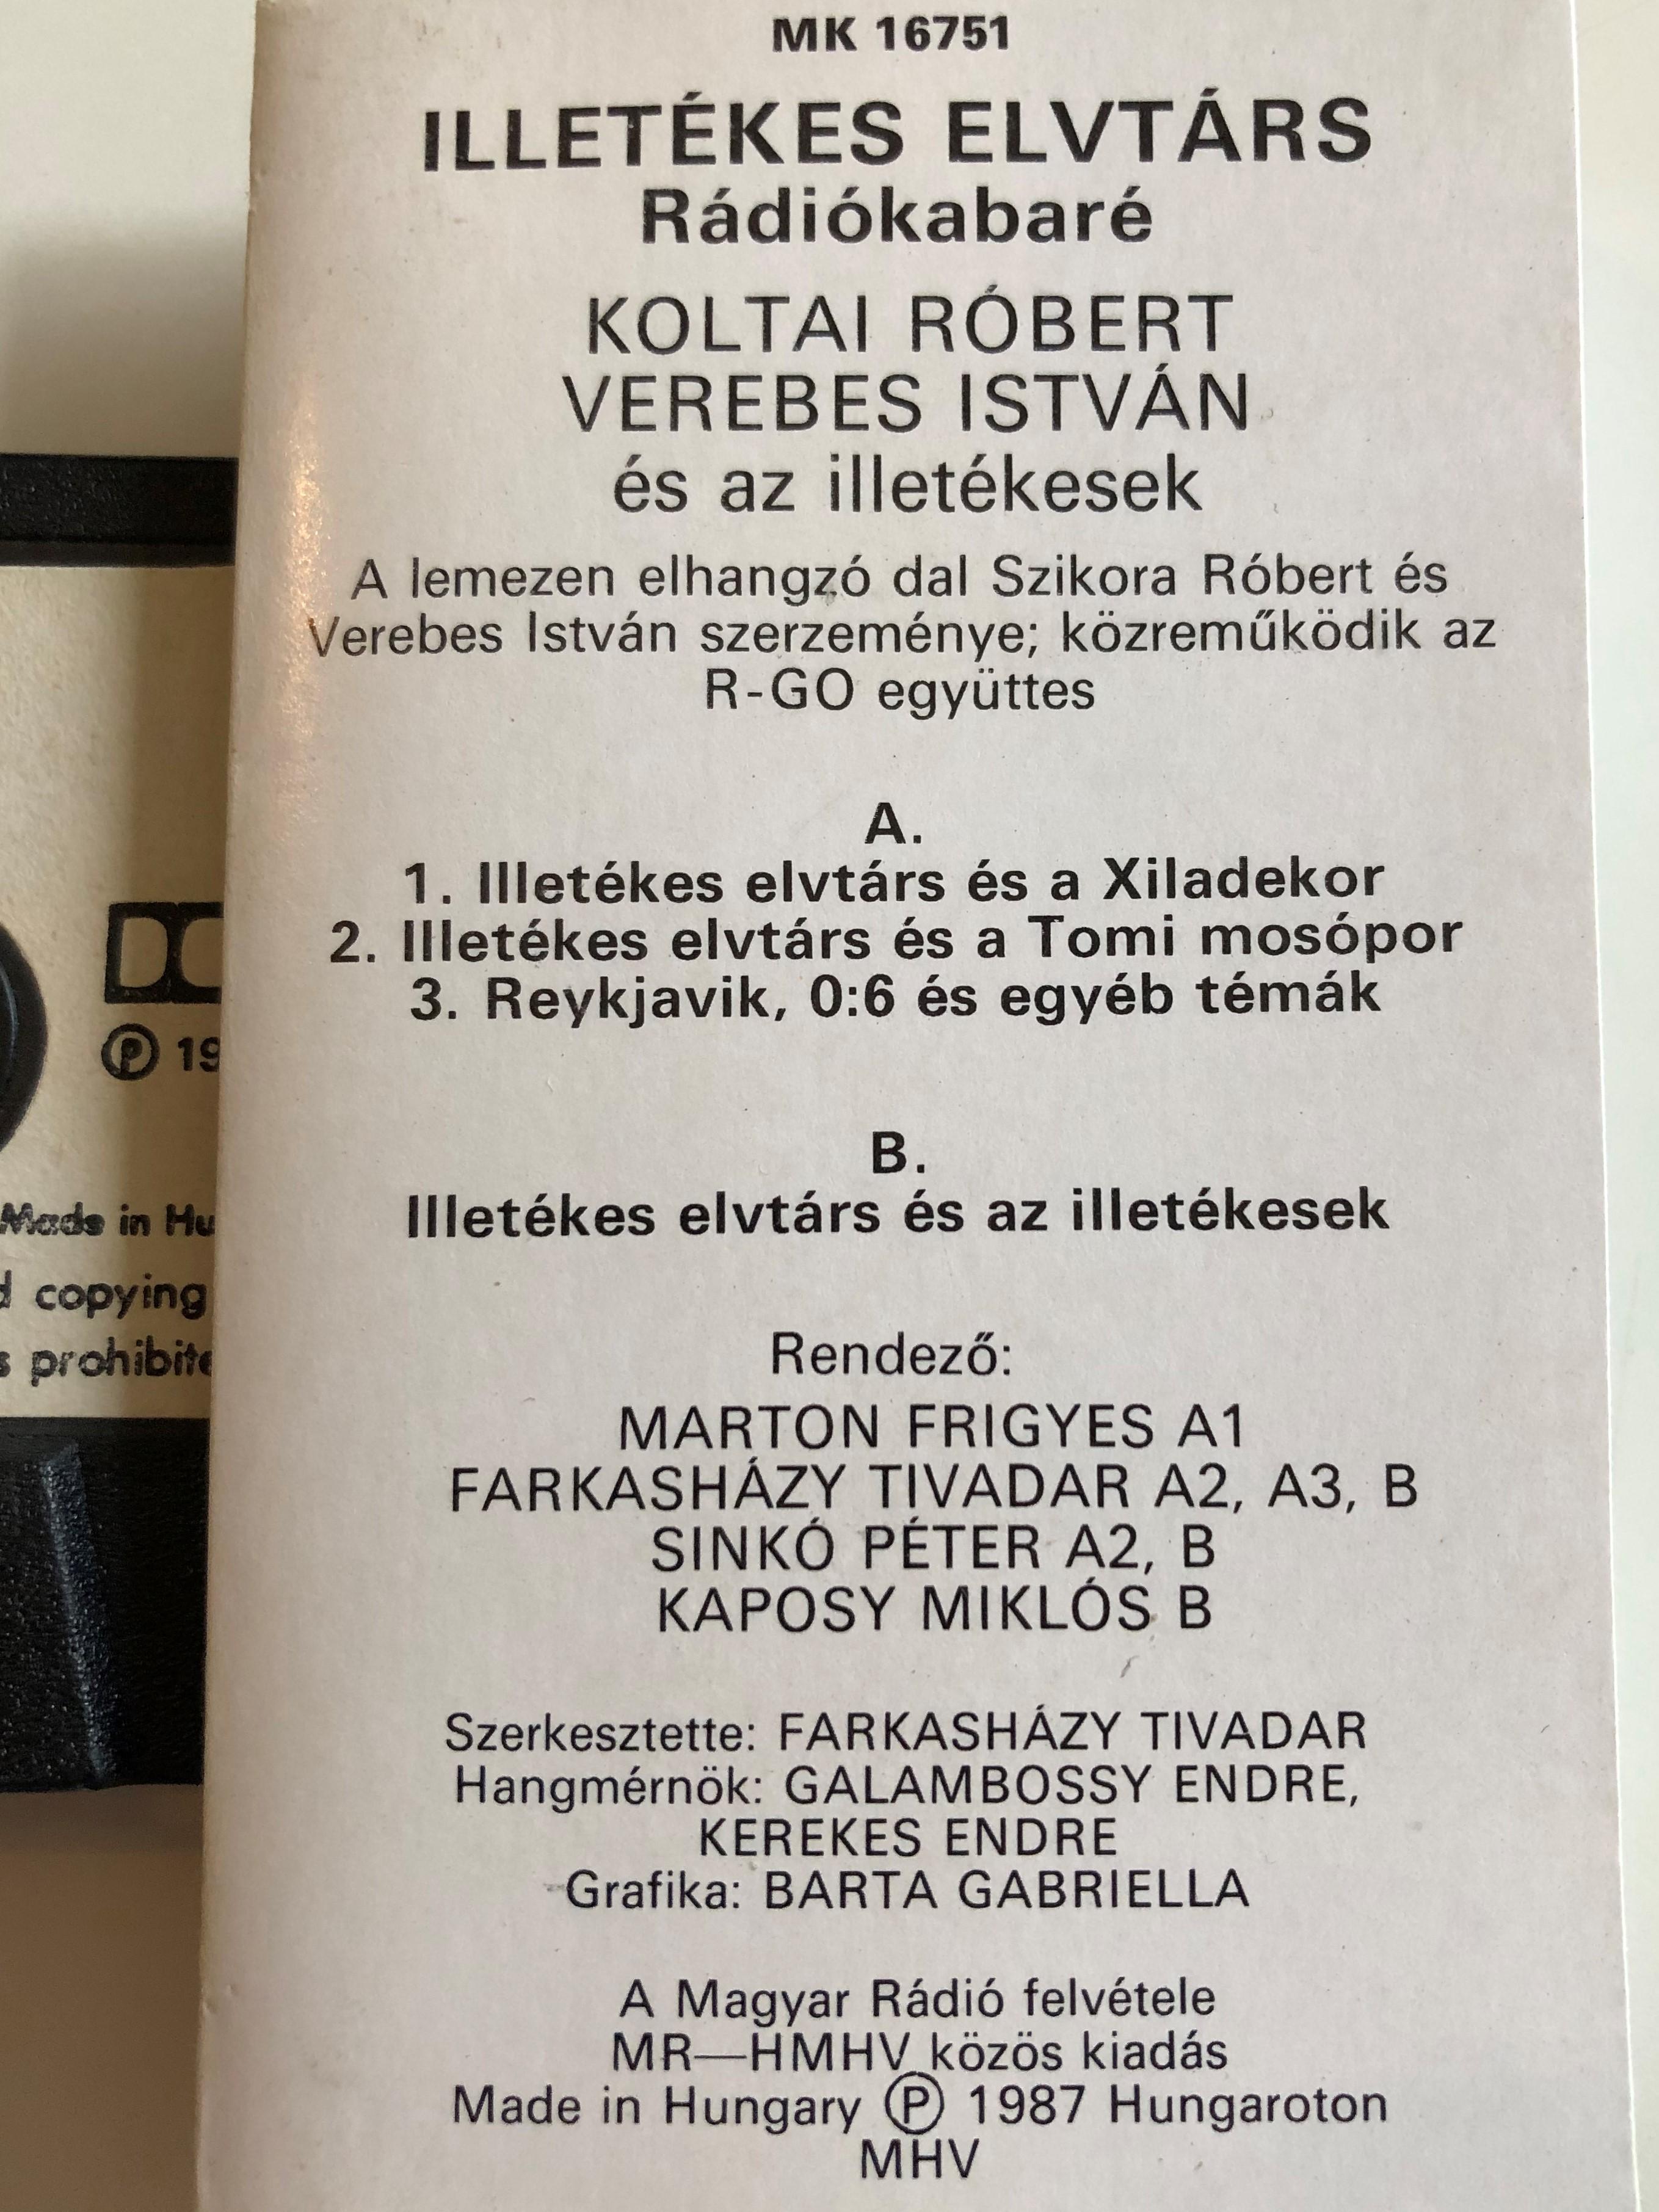 illet-kes-elvt-rs-150-forint-koltai-r-bert-radiokabare-qualiton-cassette-mono-mk-16751-3-.jpg